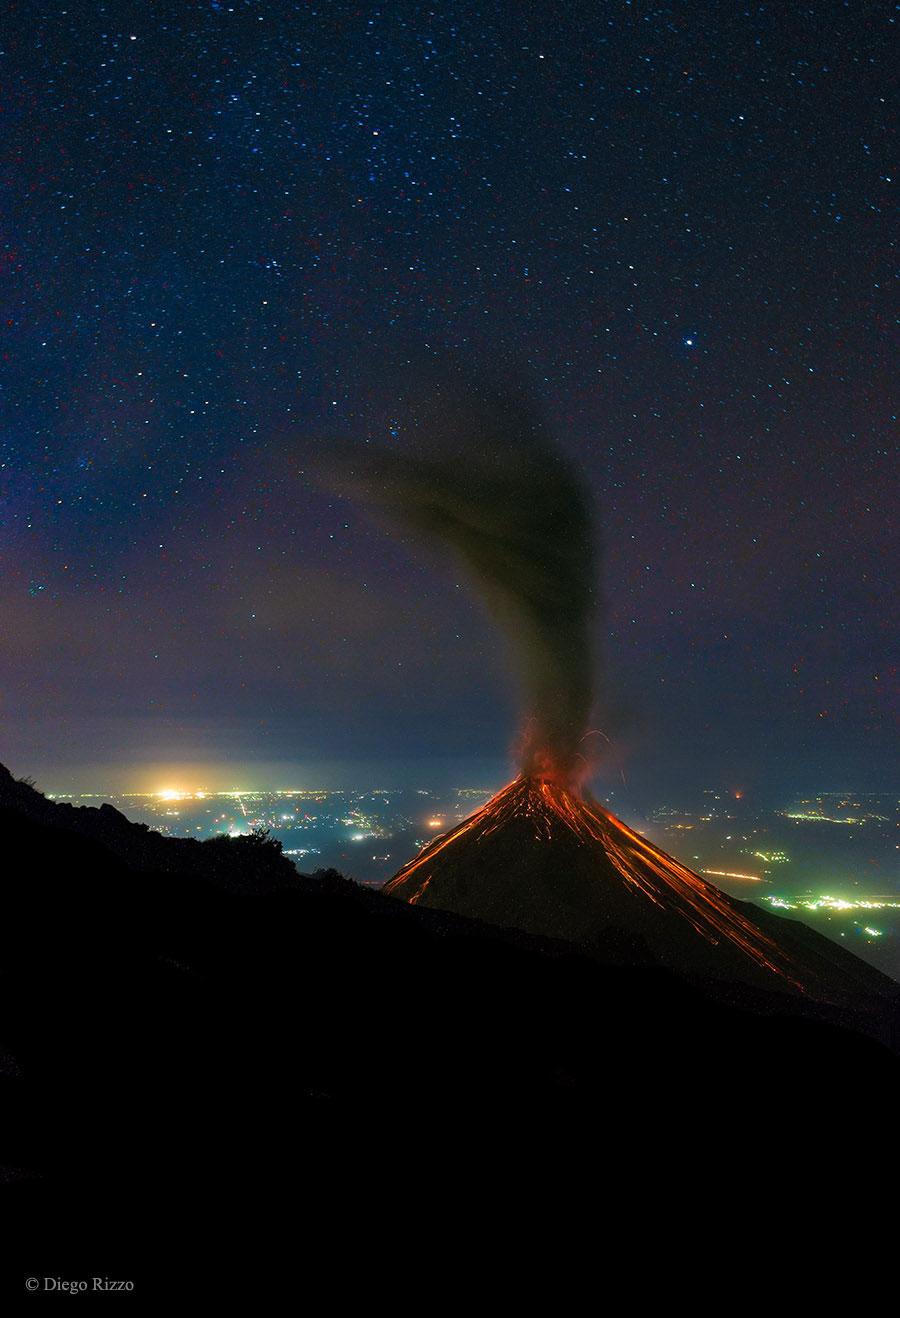 Volcán de lume en erupción baixo as estrelas